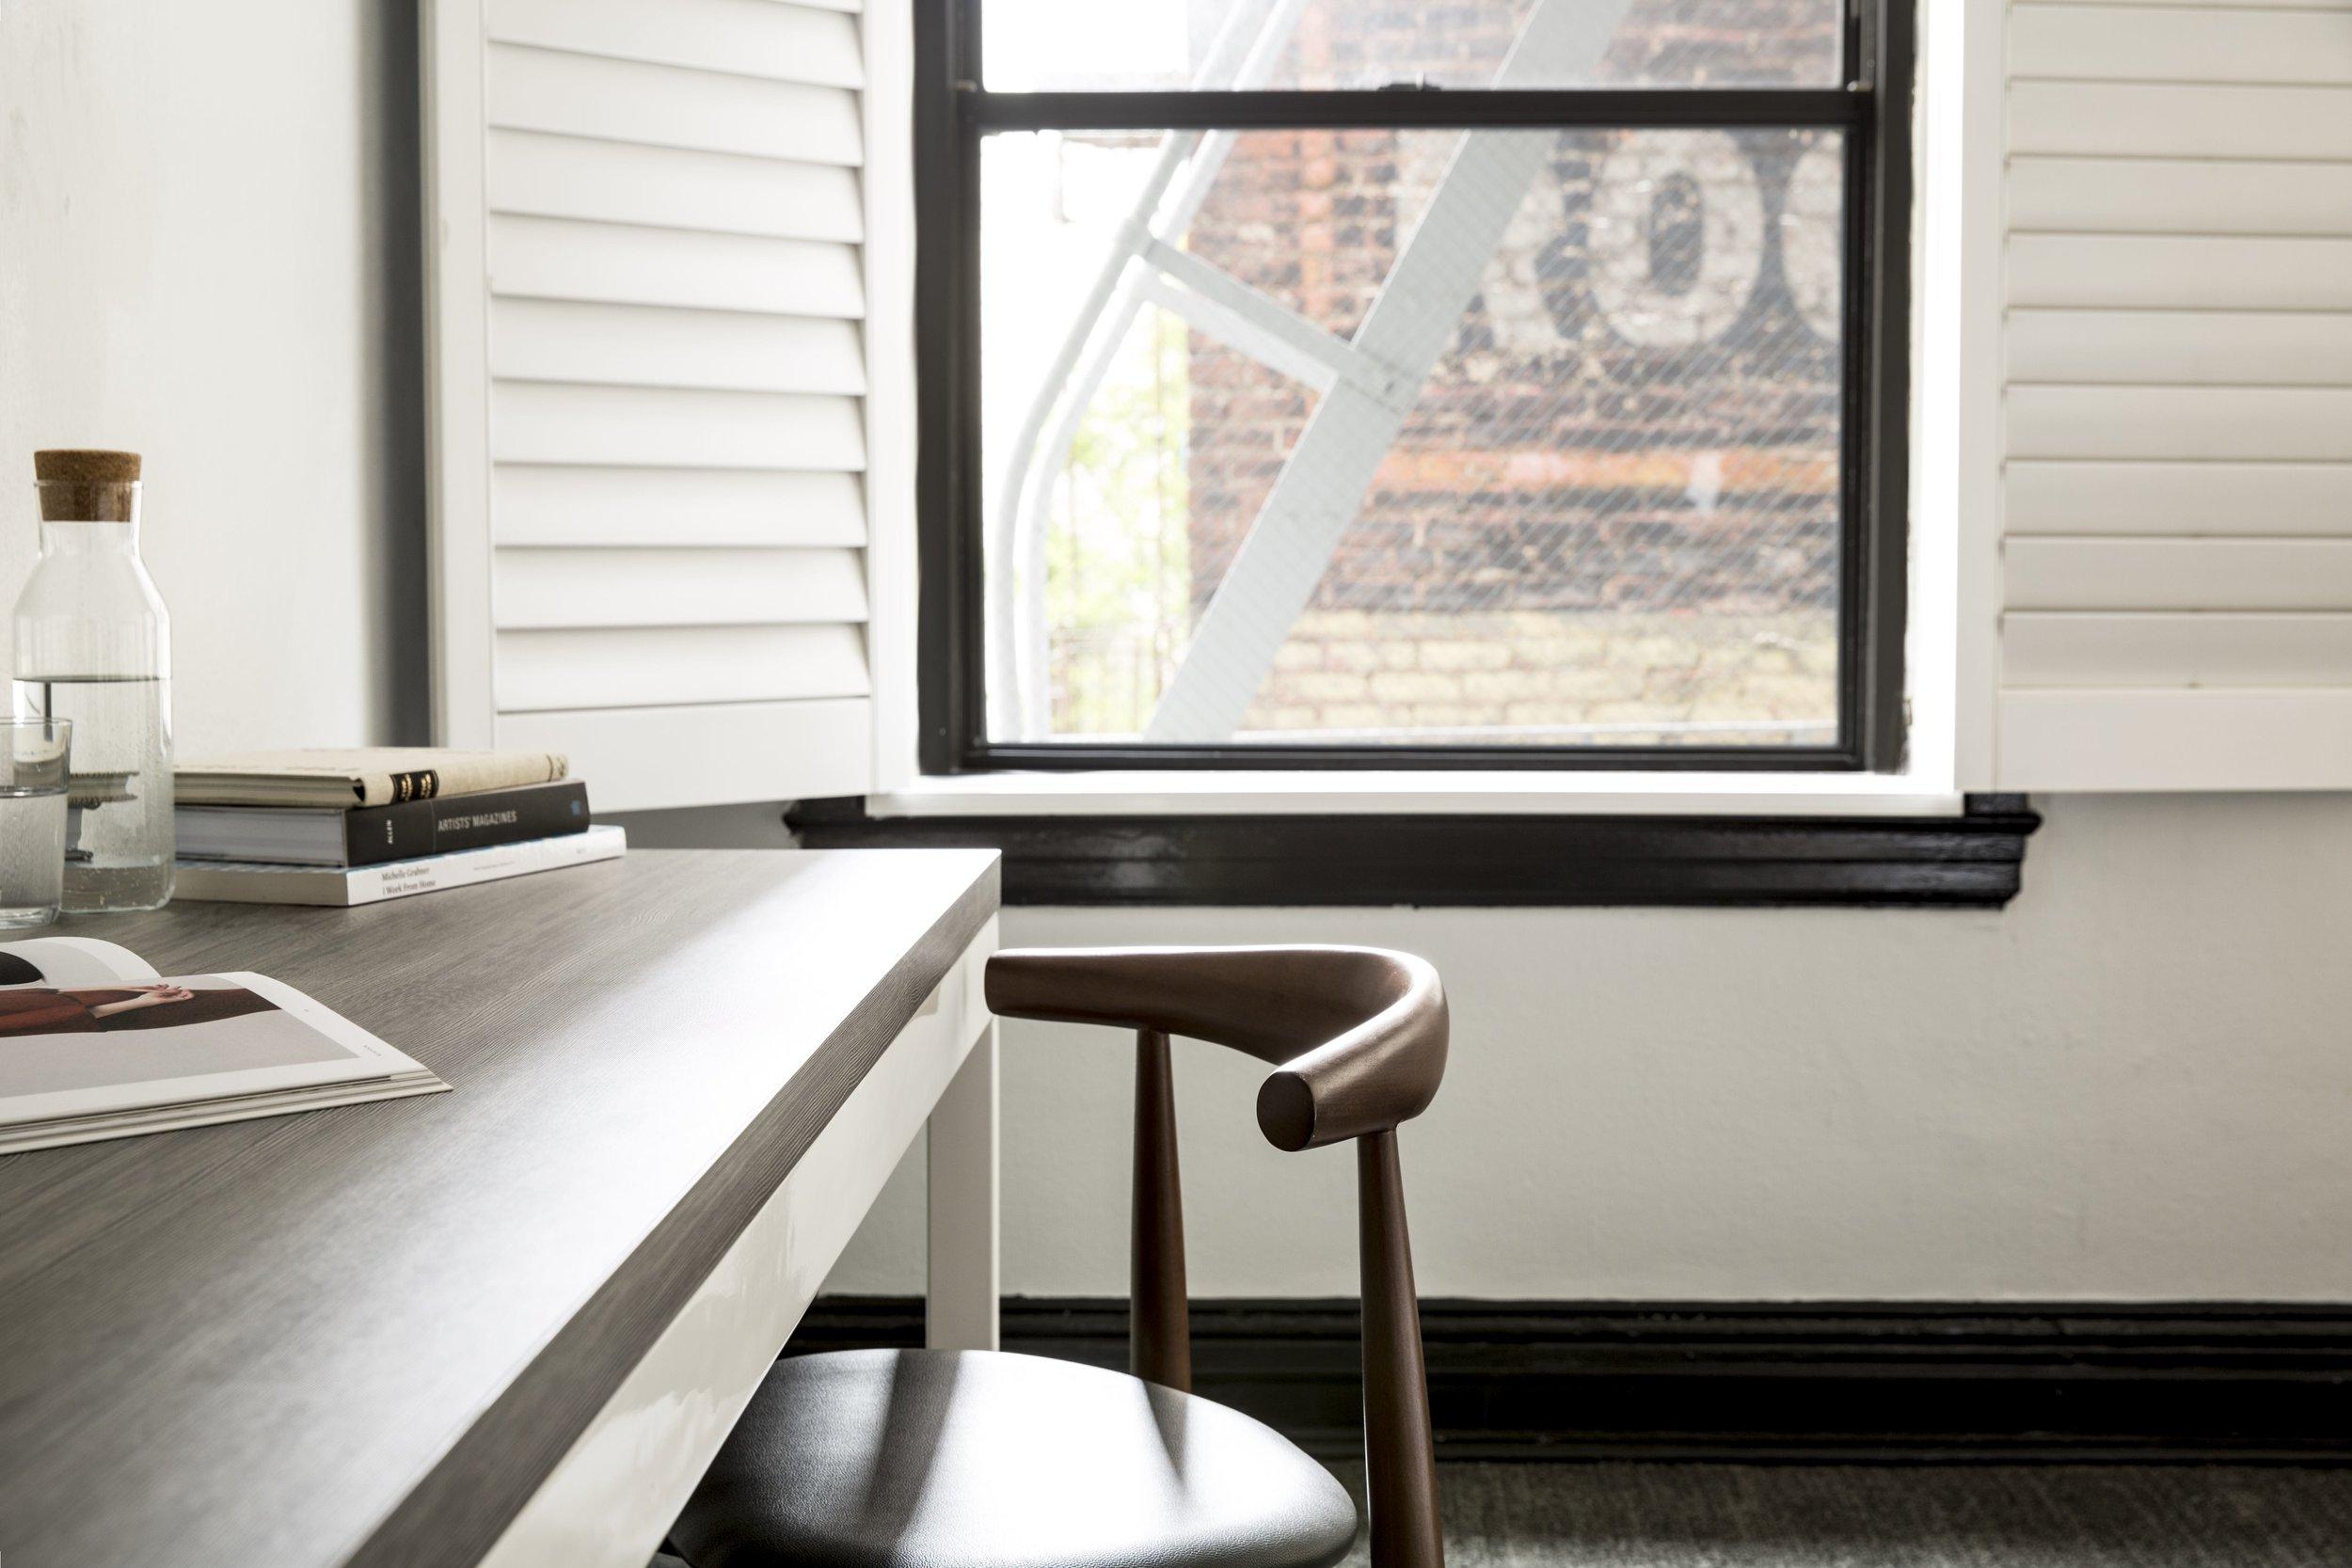 Tilden_Desk_Chair (1).jpg